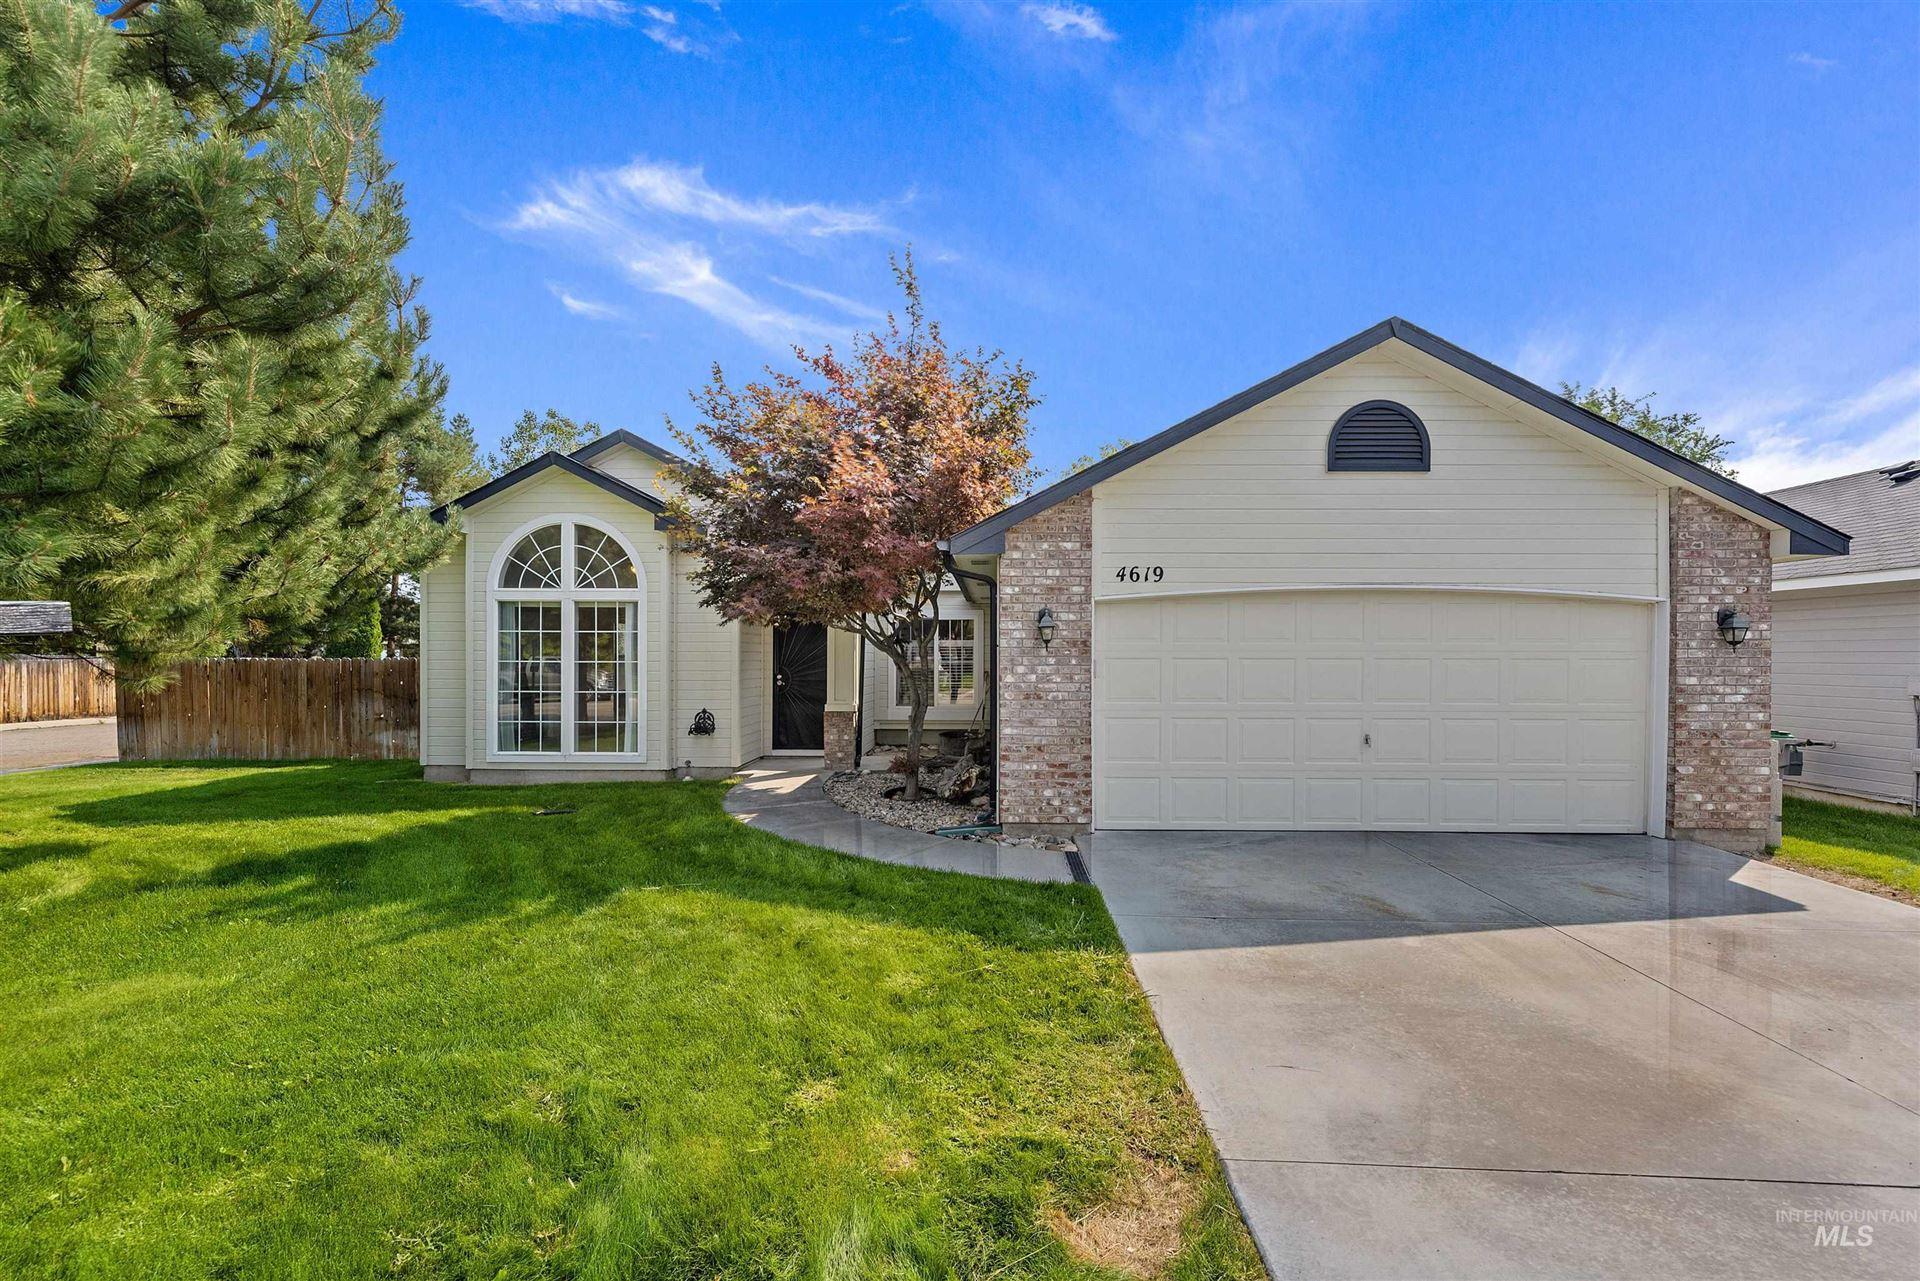 4619 W Garden Court, Boise, ID 83705 - MLS#: 98816955